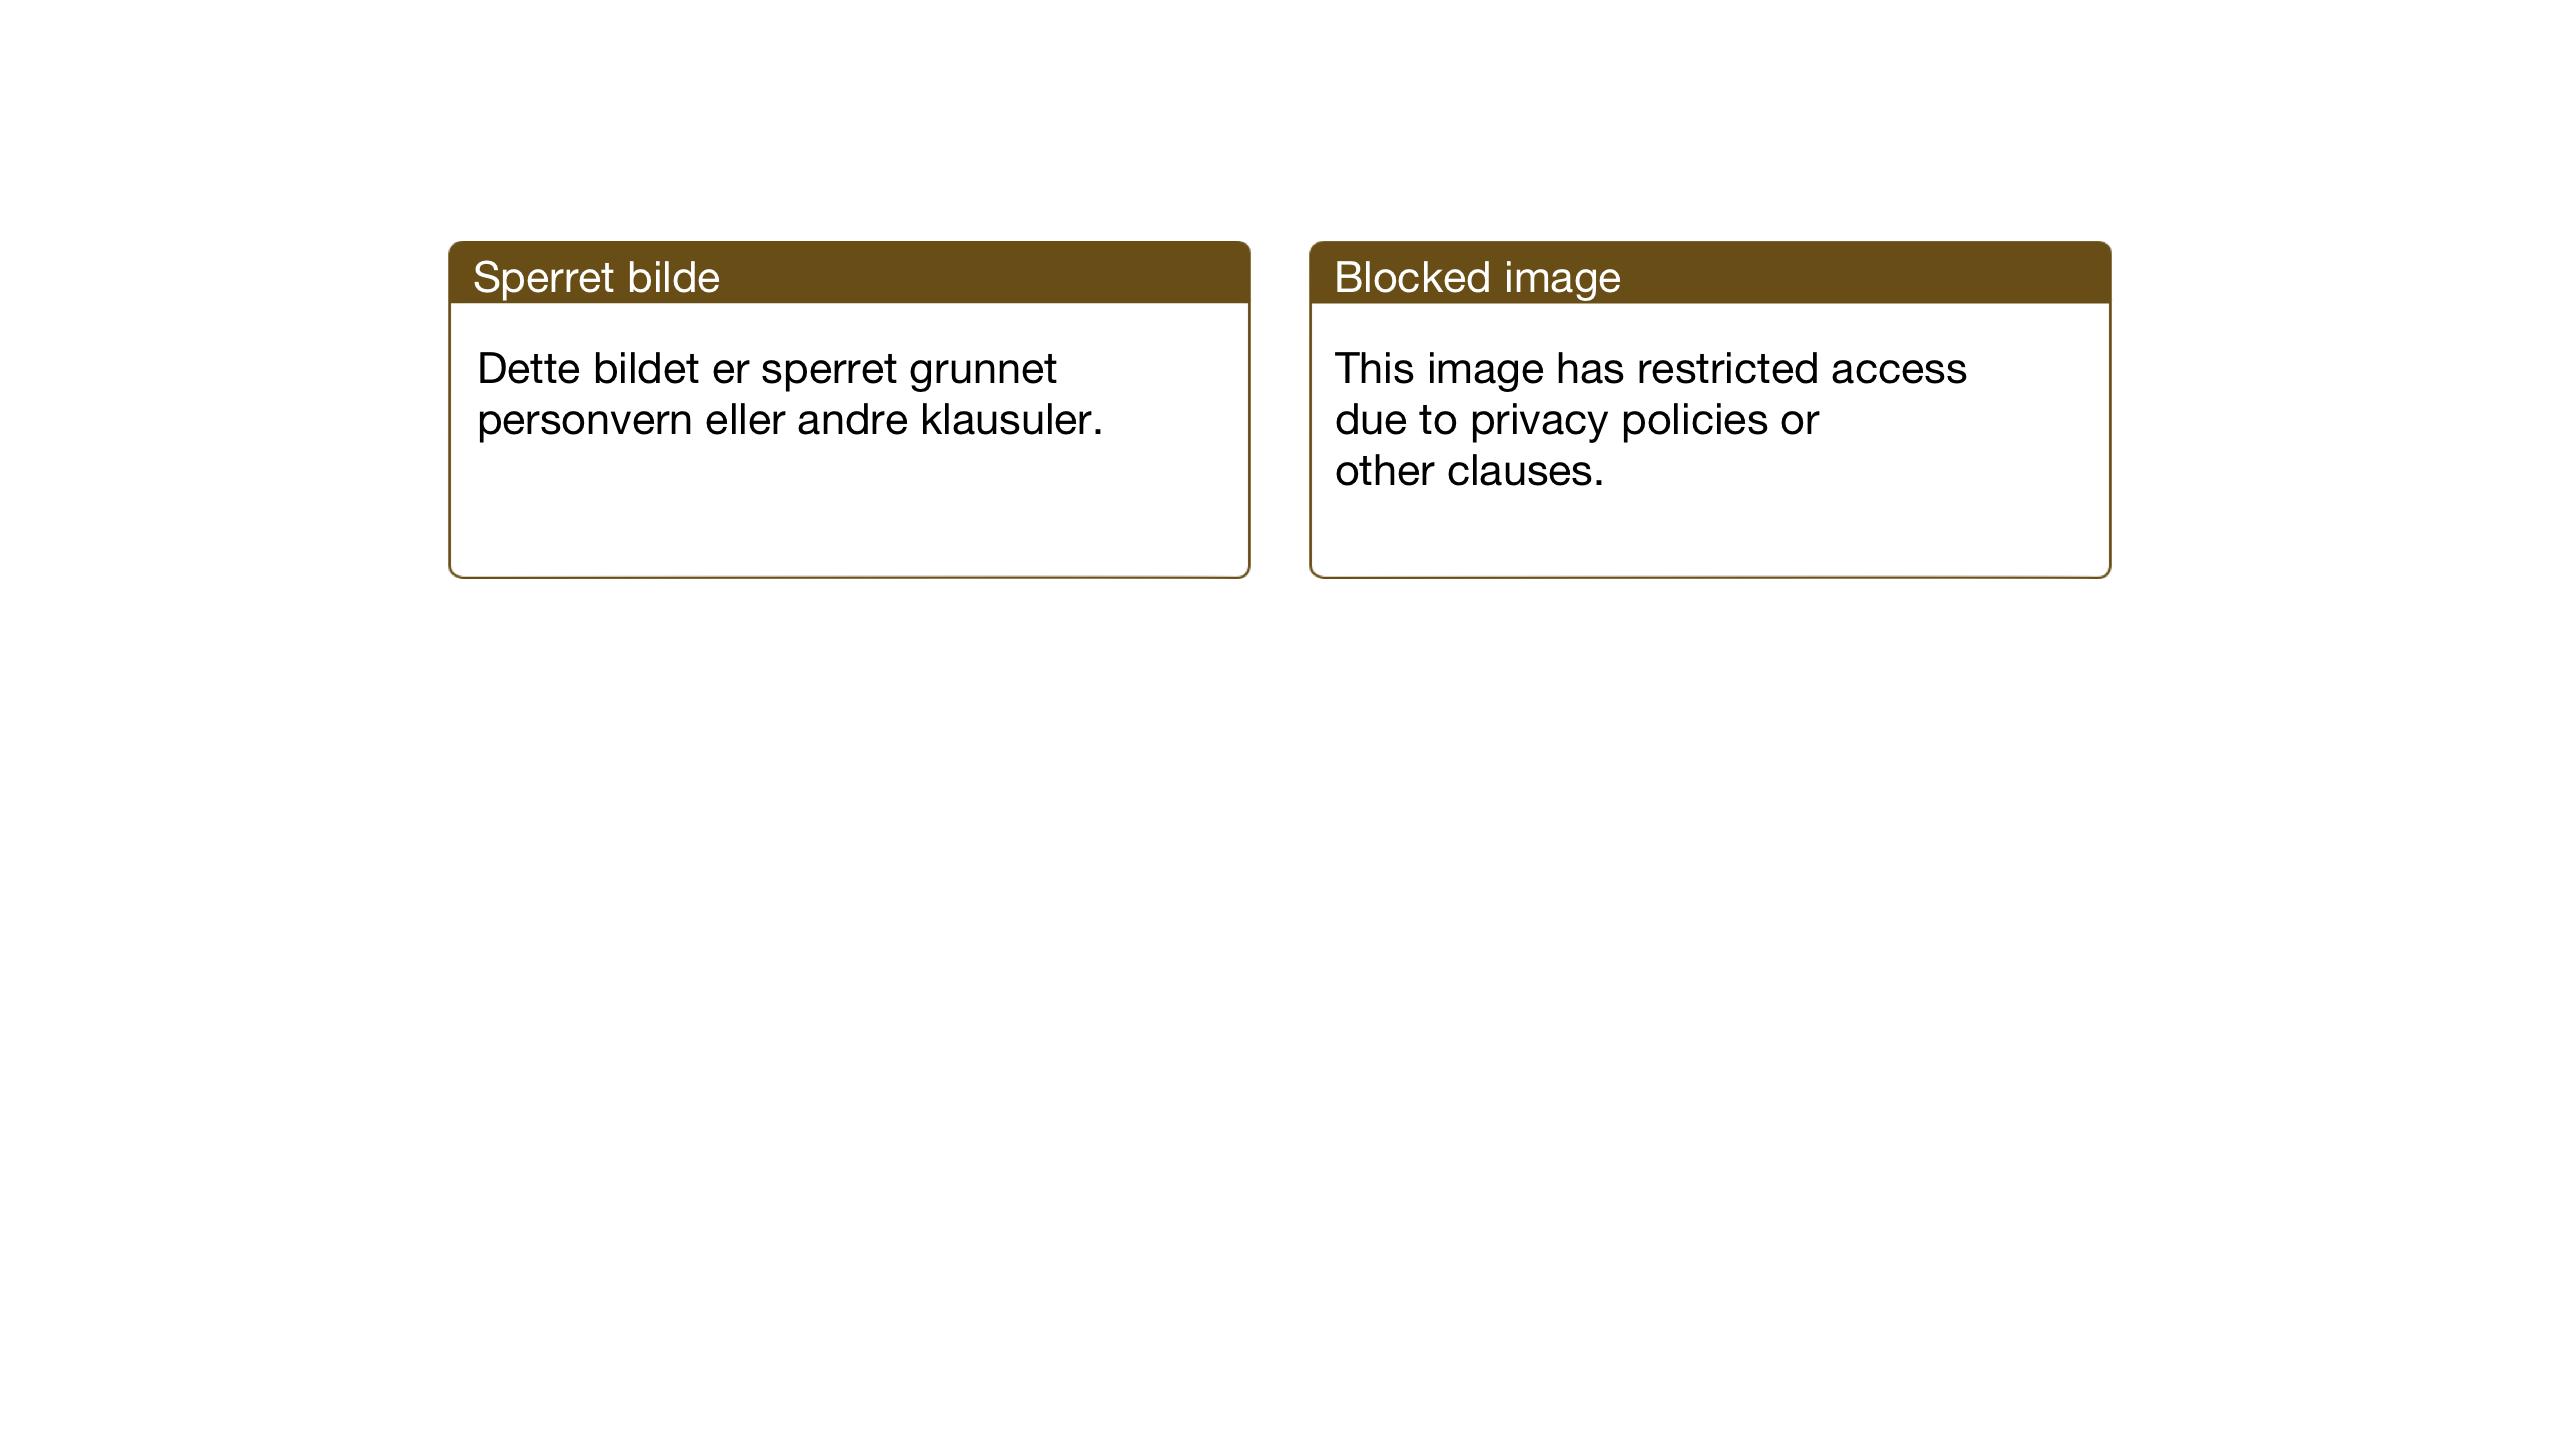 SAT, Ministerialprotokoller, klokkerbøker og fødselsregistre - Sør-Trøndelag, 635/L0554: Klokkerbok nr. 635C02, 1919-1942, s. 107